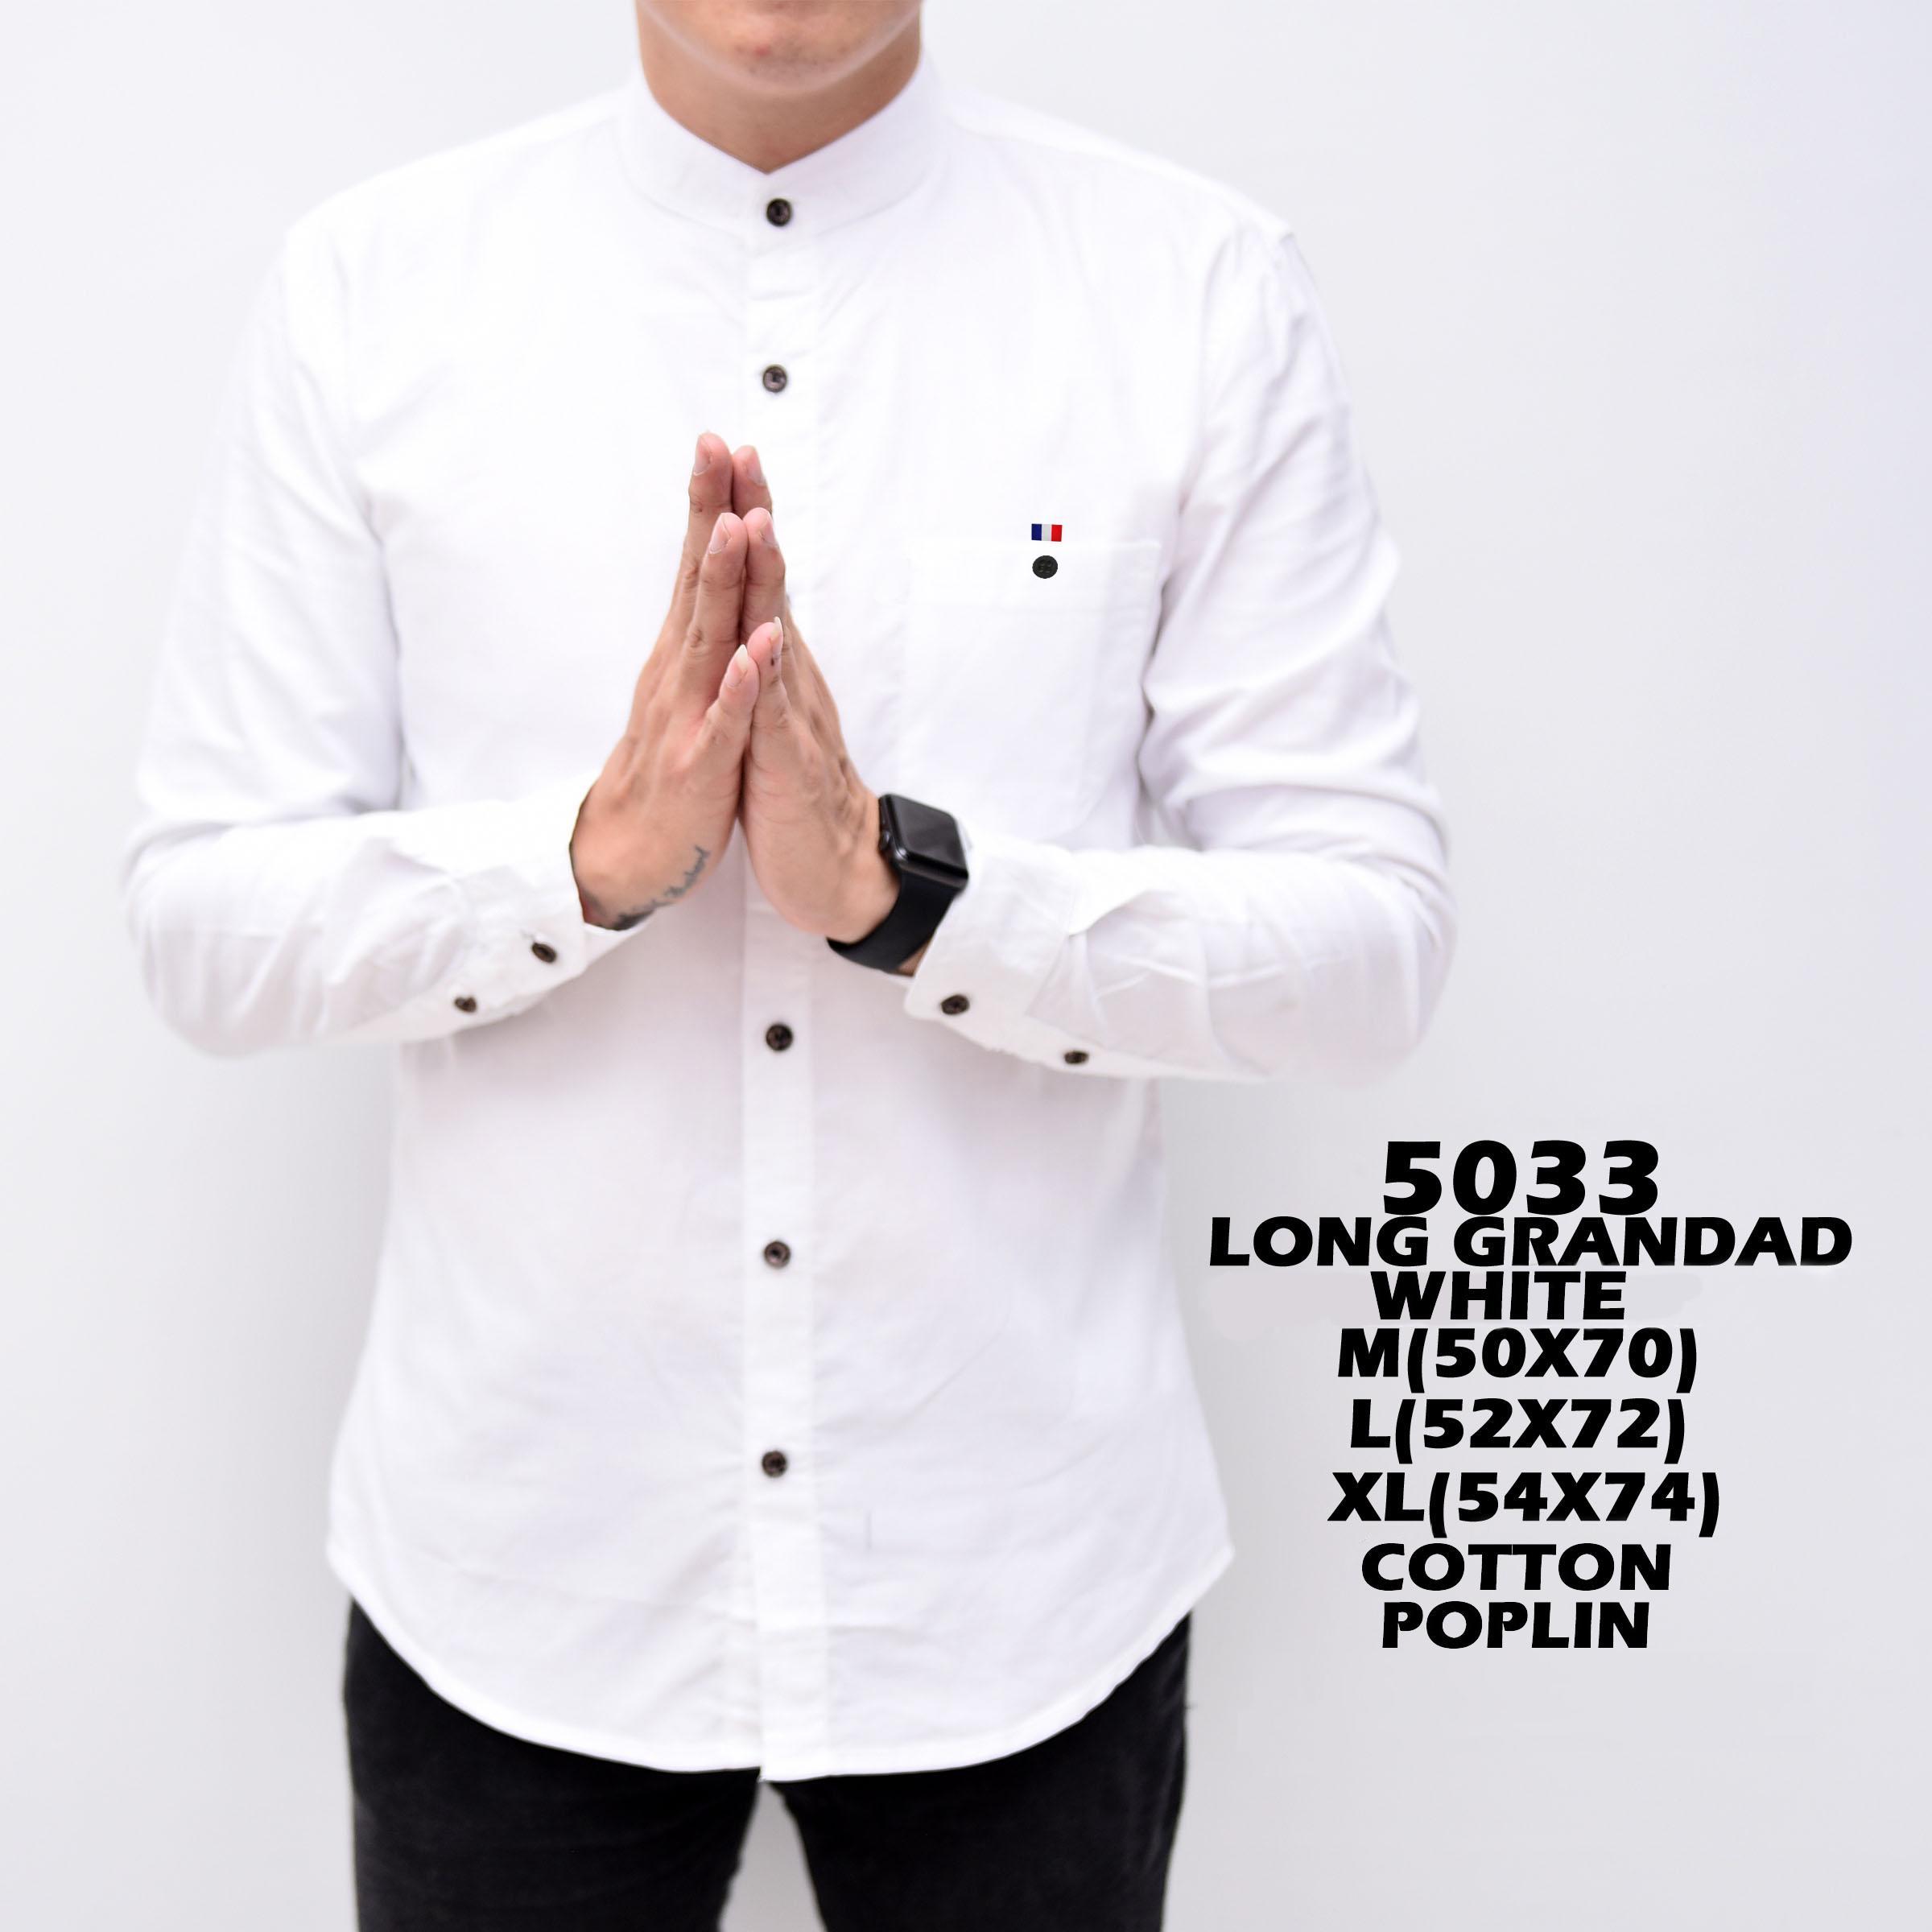 Baju Hem Kemeja Pria Cowok Lengan Panjang Kerah Shanghay Slimfit White Simple Putih Polos Distro Gr